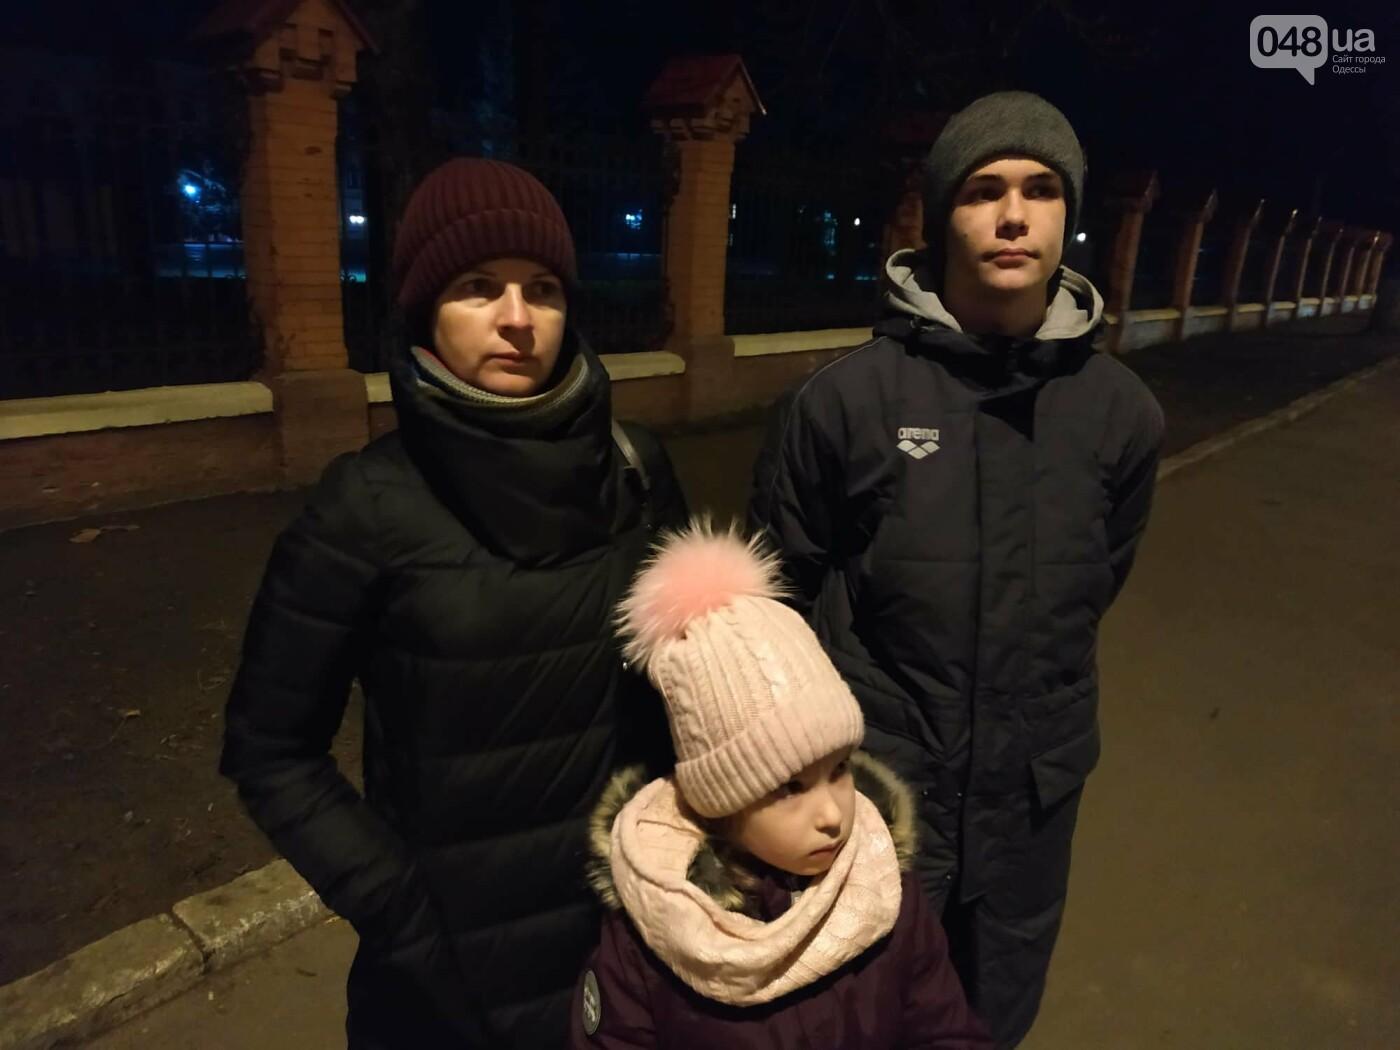 В Одессе семью с 2 детьми вышвыривают из дома без вещей на улицу, - ФОТО, ВИДЕО, фото-1